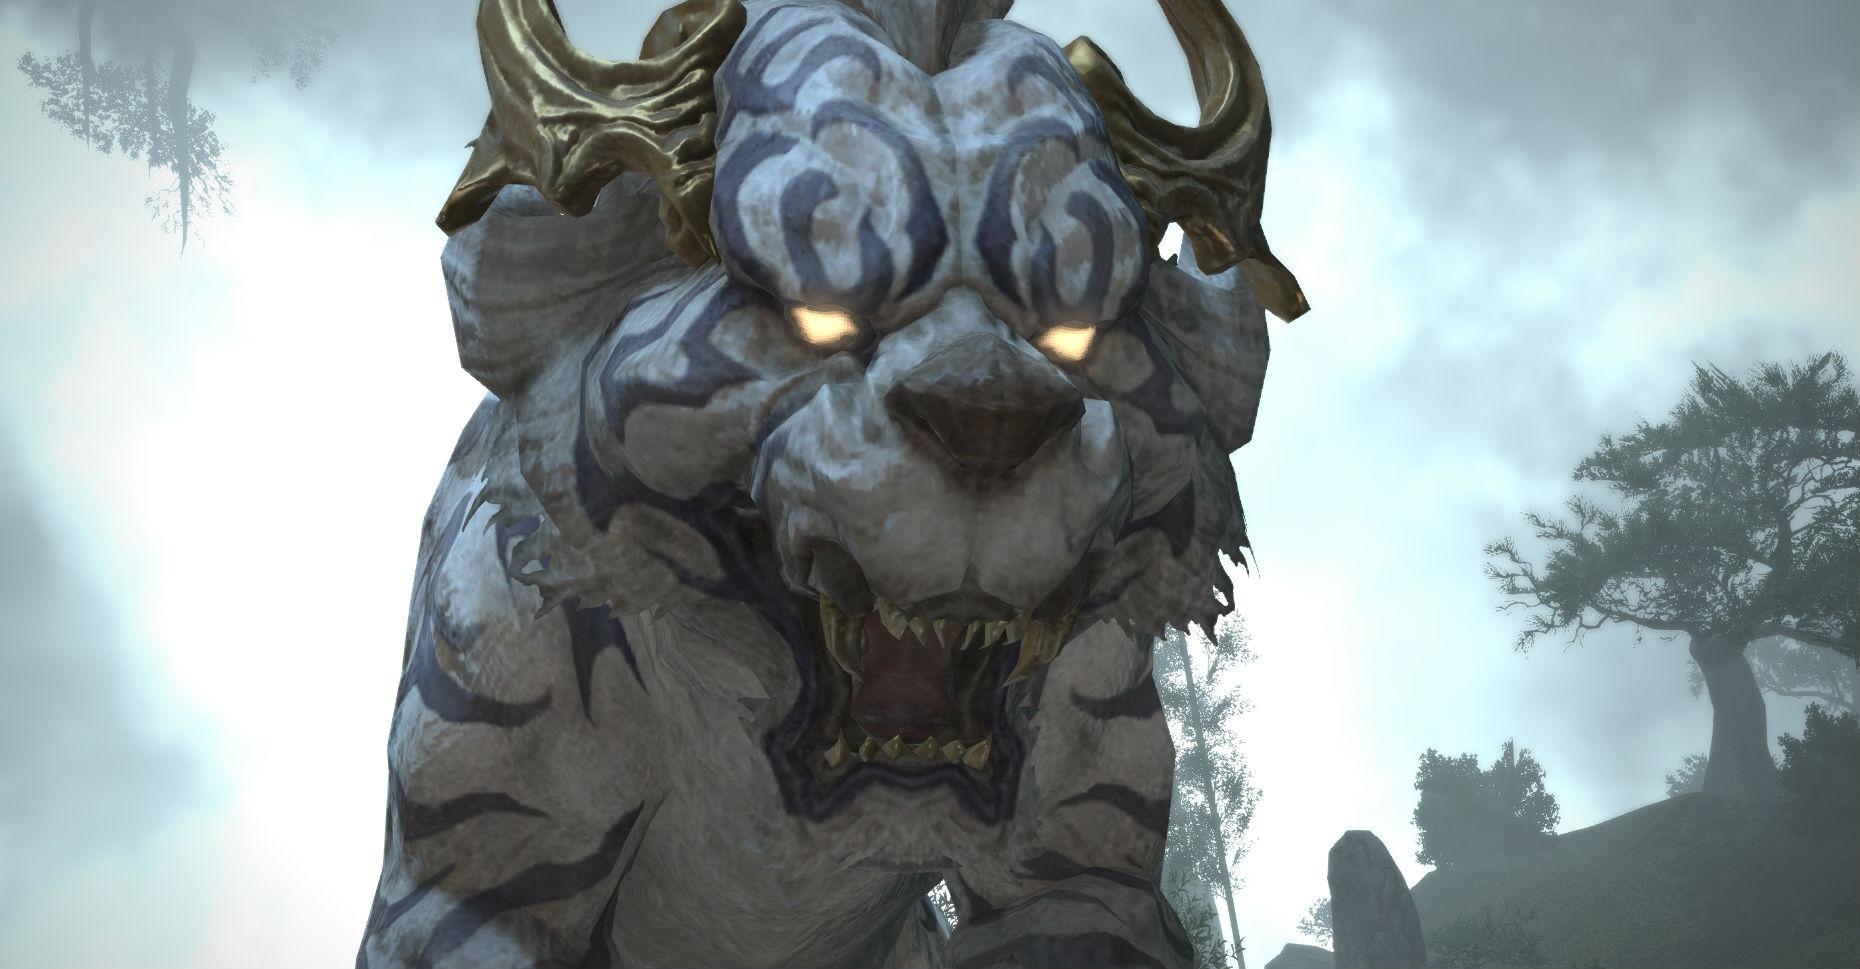 Final Fantasy XIV: Stormblood Patch 4.2 review